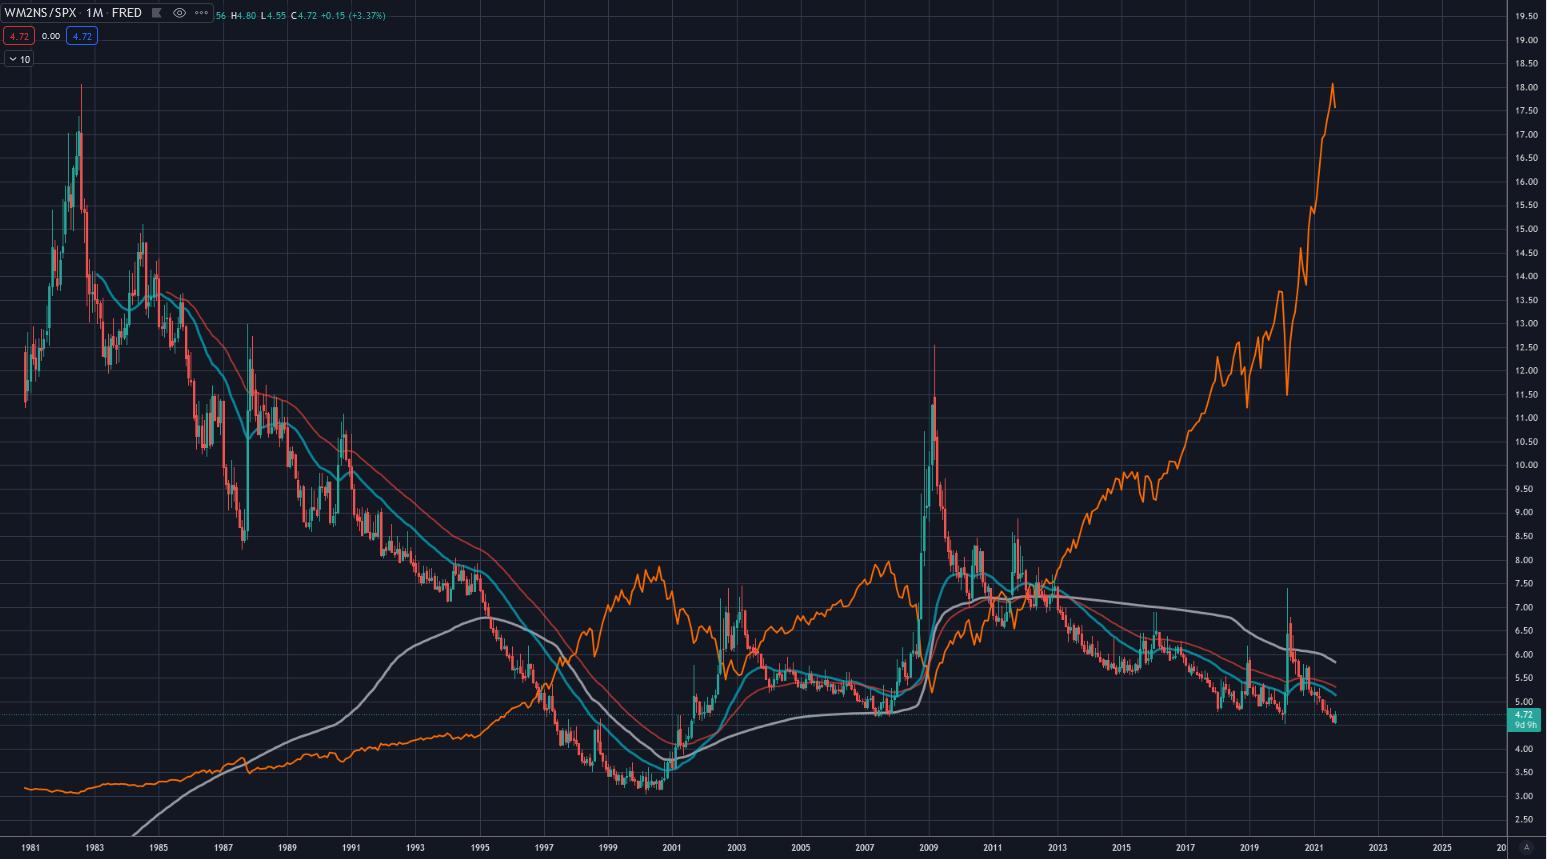 Geldmenge M2 Fred vs Aktienpreis